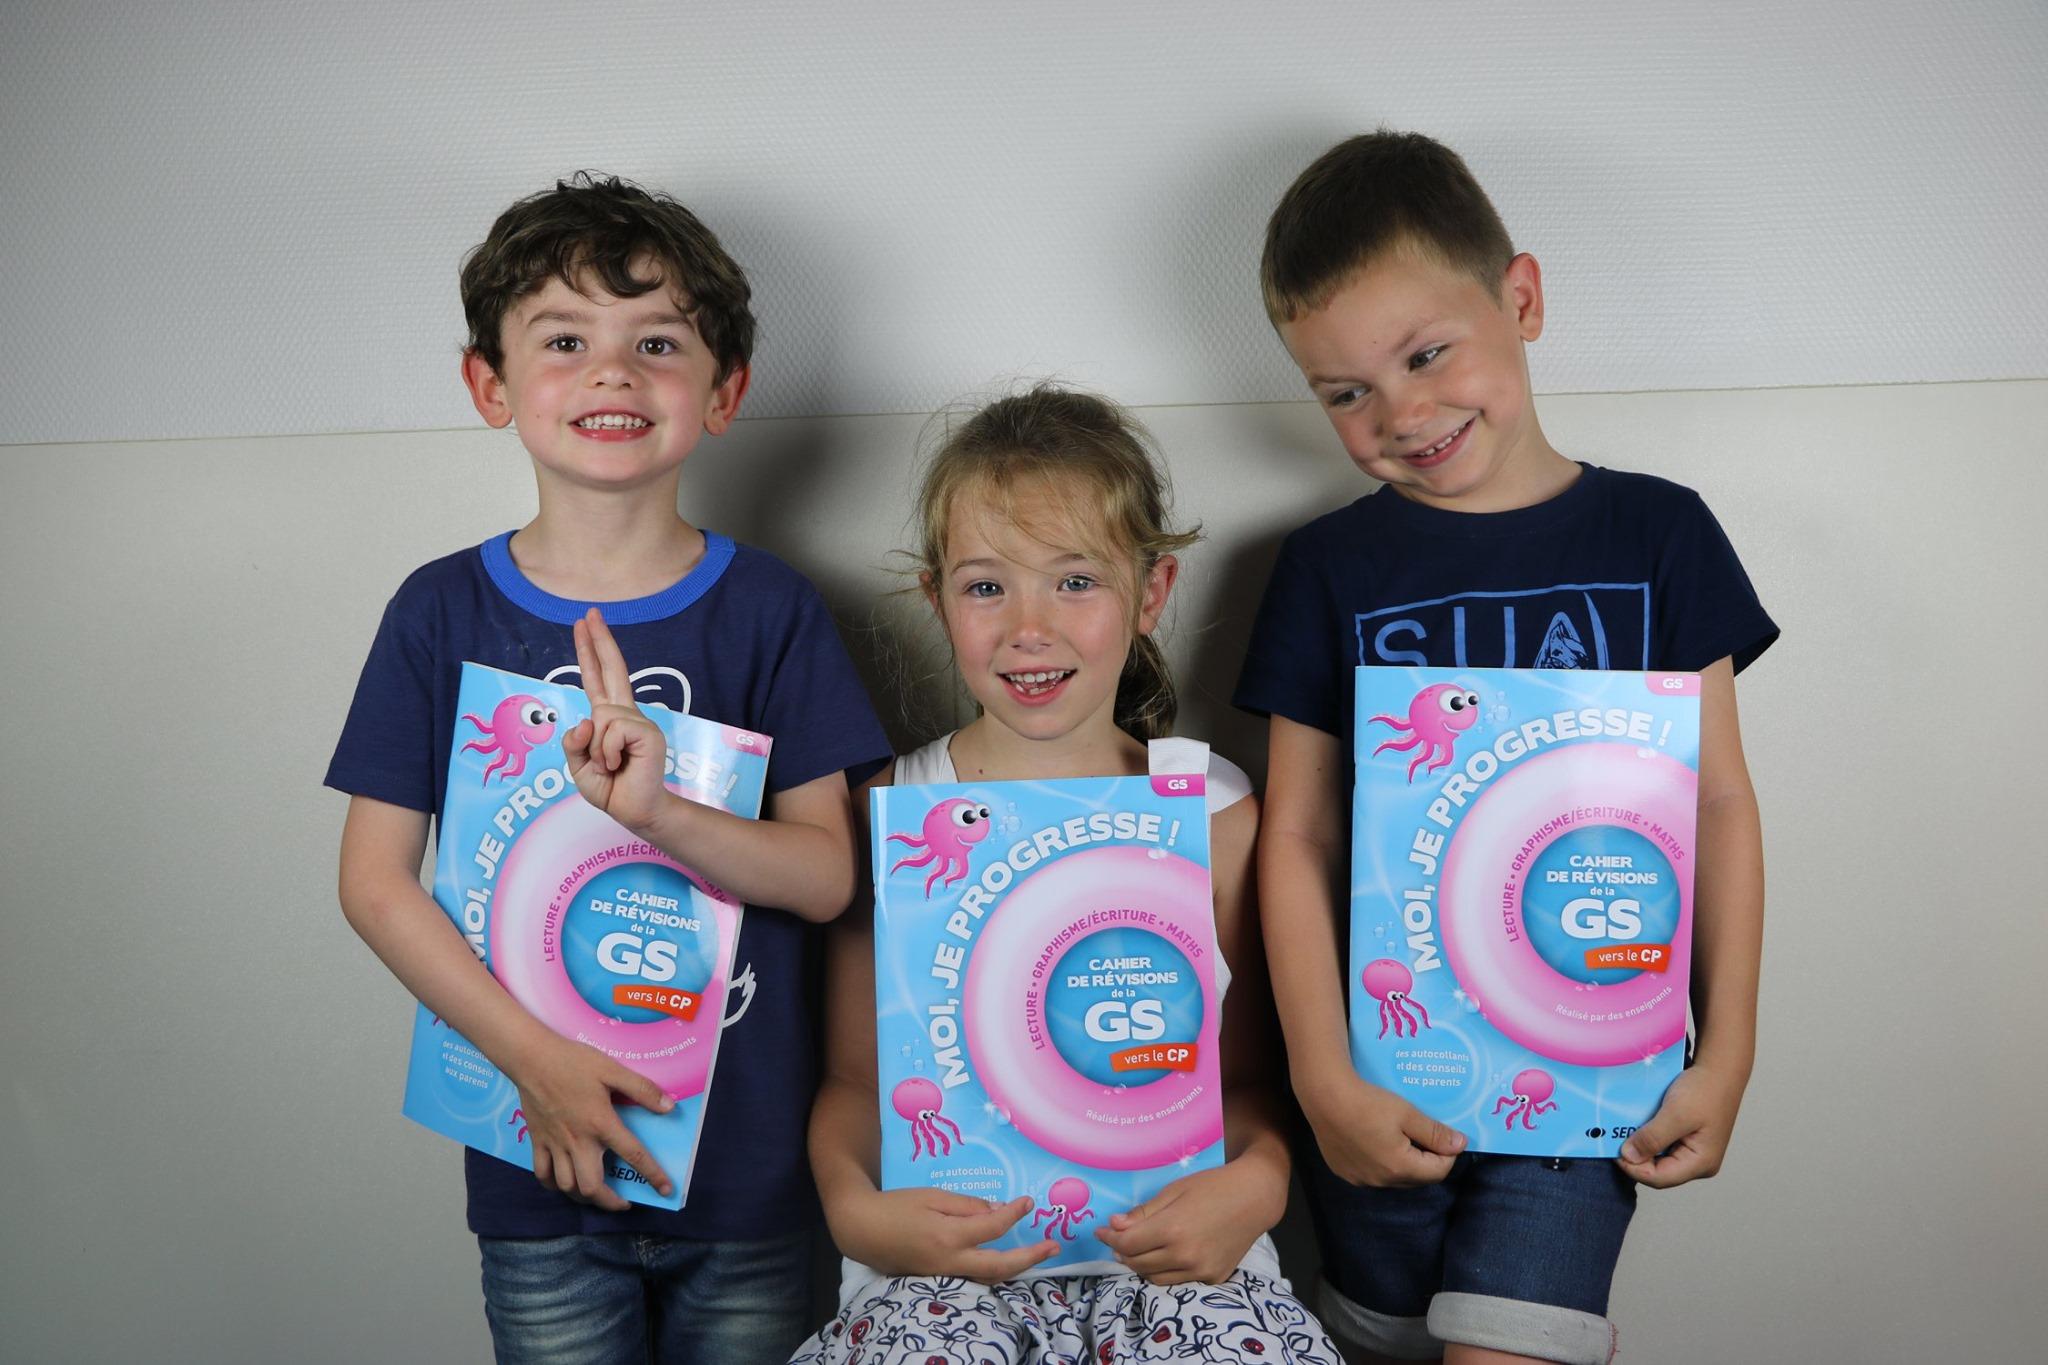 Vacances apprenantes avec les Editions SEDRAP et La Dépêche du Midi ! Tout au long de l'été, les éditions SEDRAP s'associent à La Dépêche du Midi pour proposer aux enfants, de la maternelle au CM2, des activités pédagogiques.